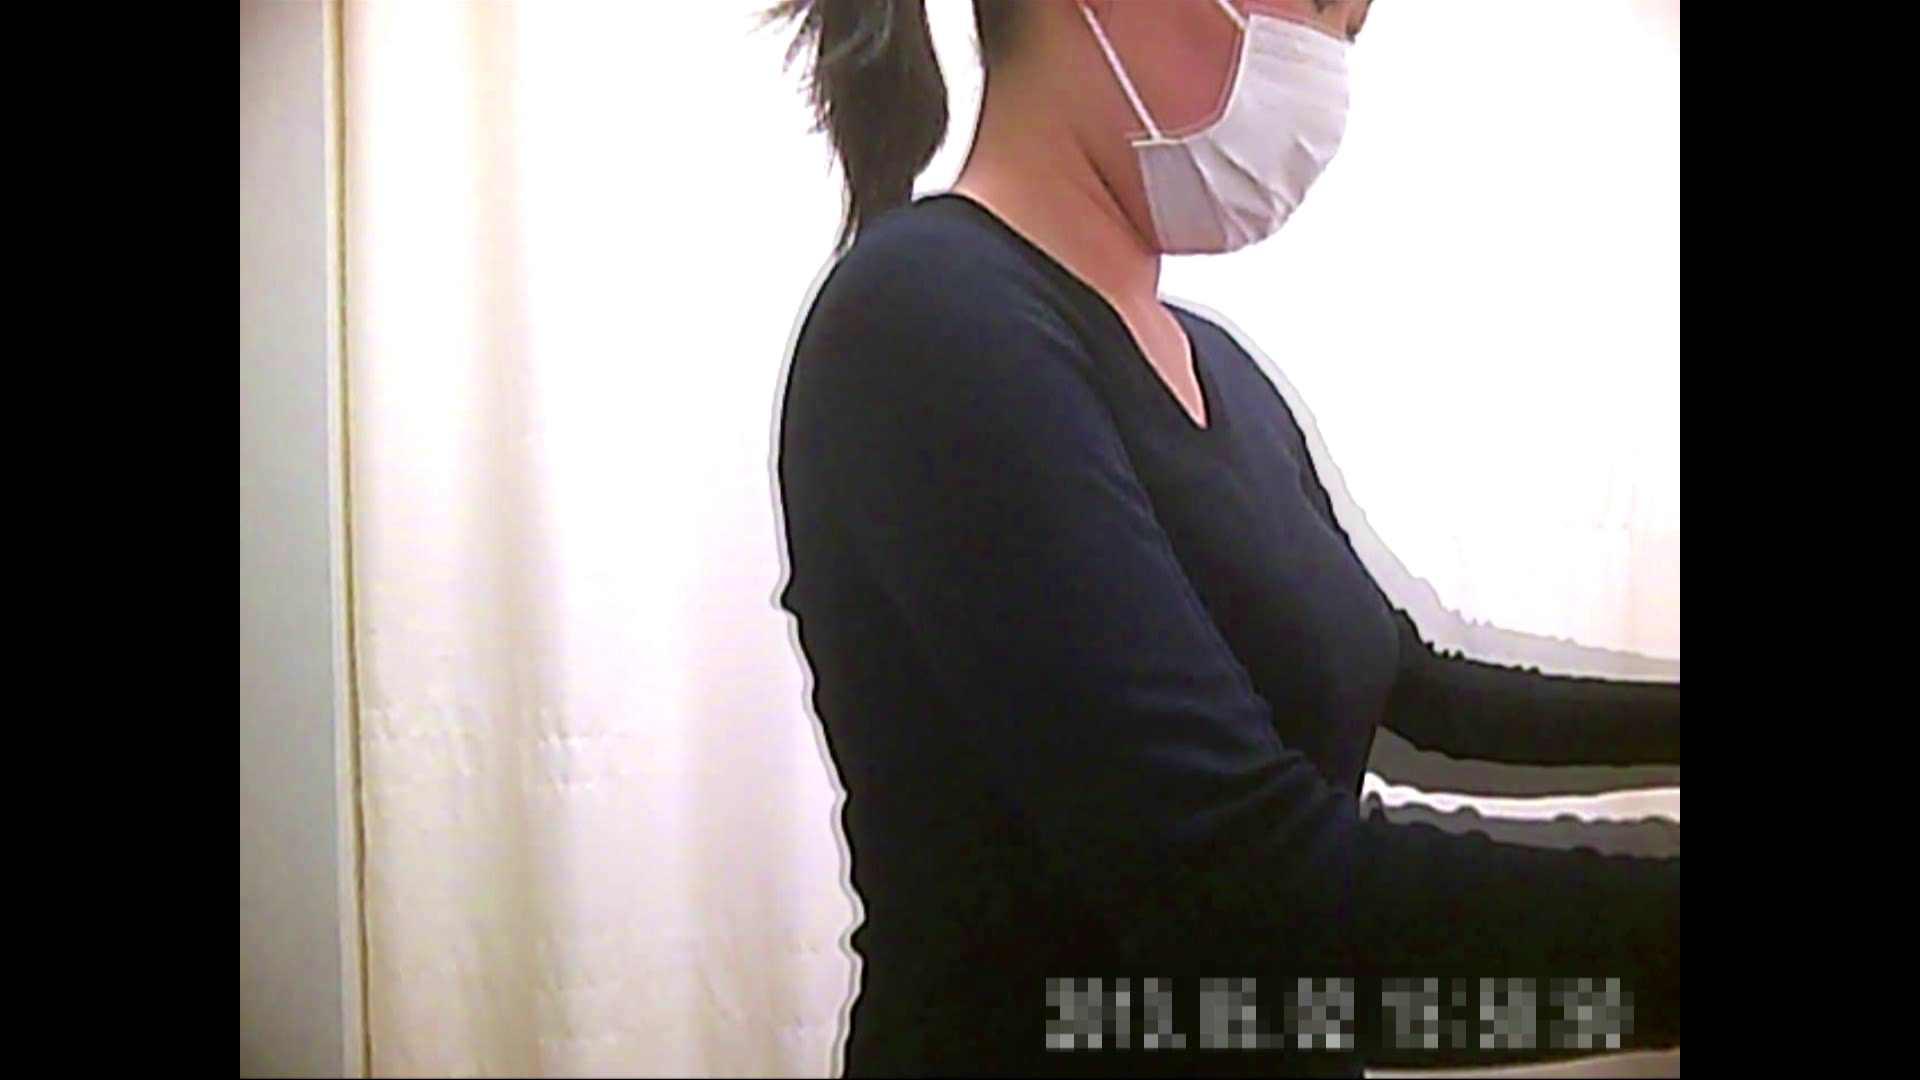 元医者による反抗 更衣室地獄絵巻 vol.088 OLハメ撮り  27Pix 13